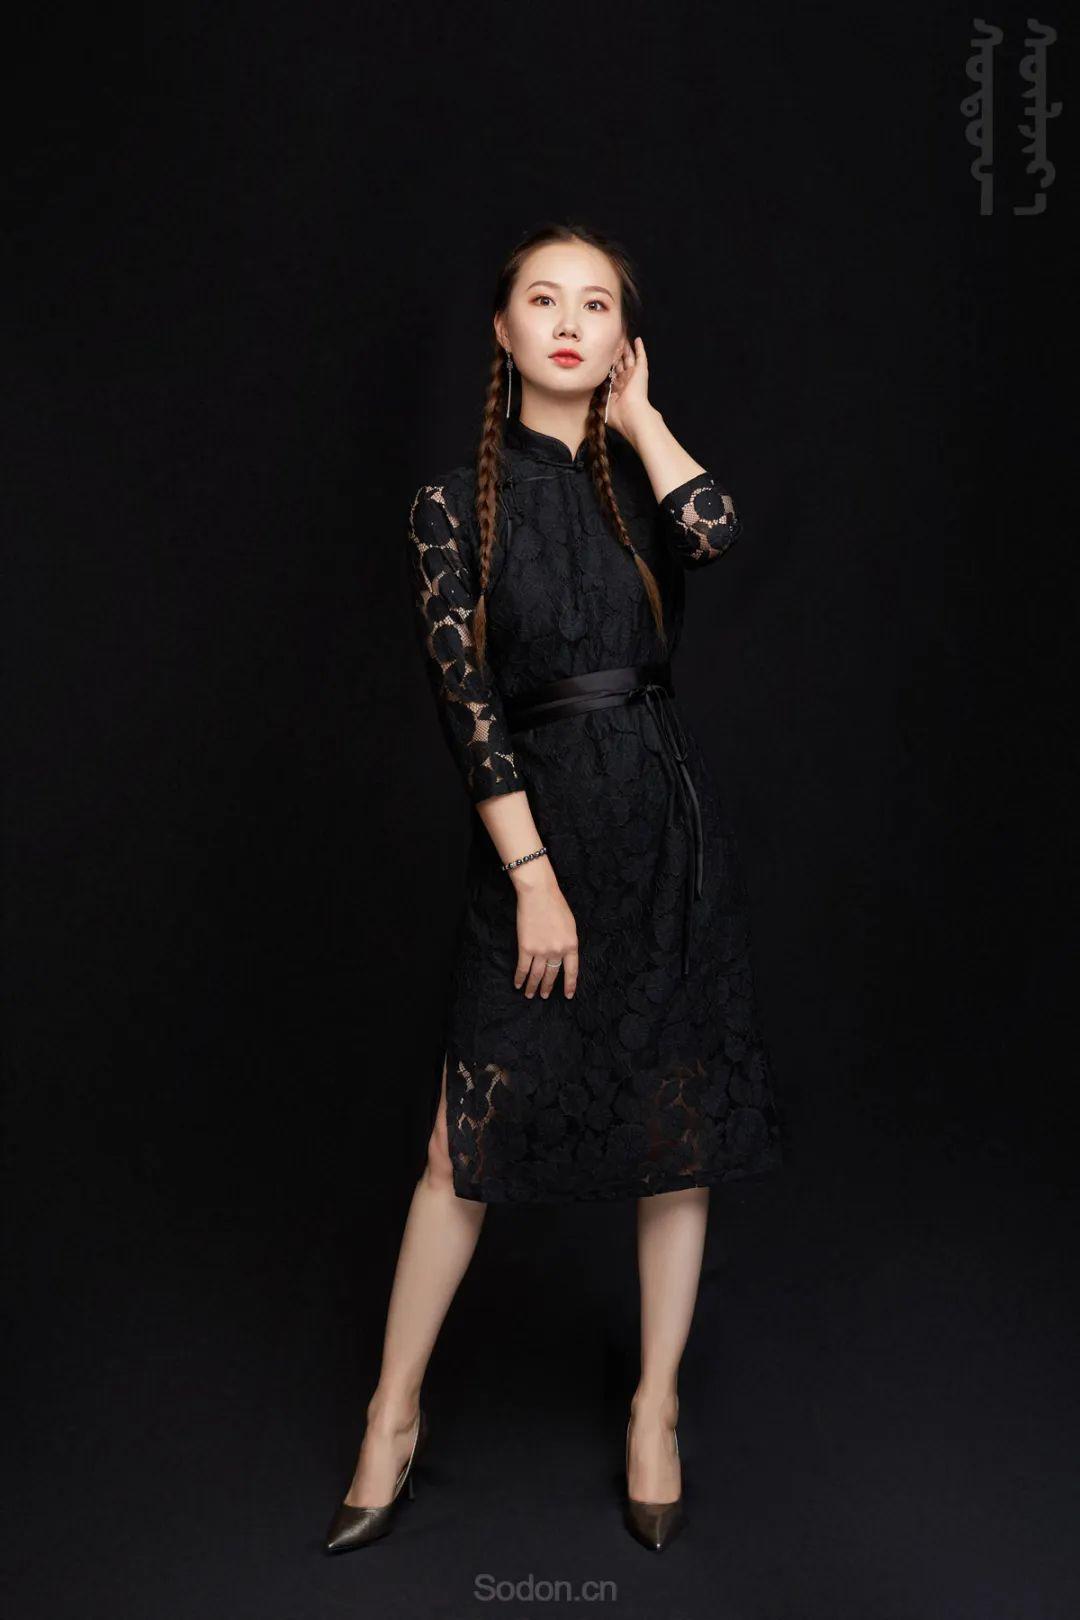 DOMOG蒙古时装2020新款夏季连衣裙首发,618钜惠七折! 第16张